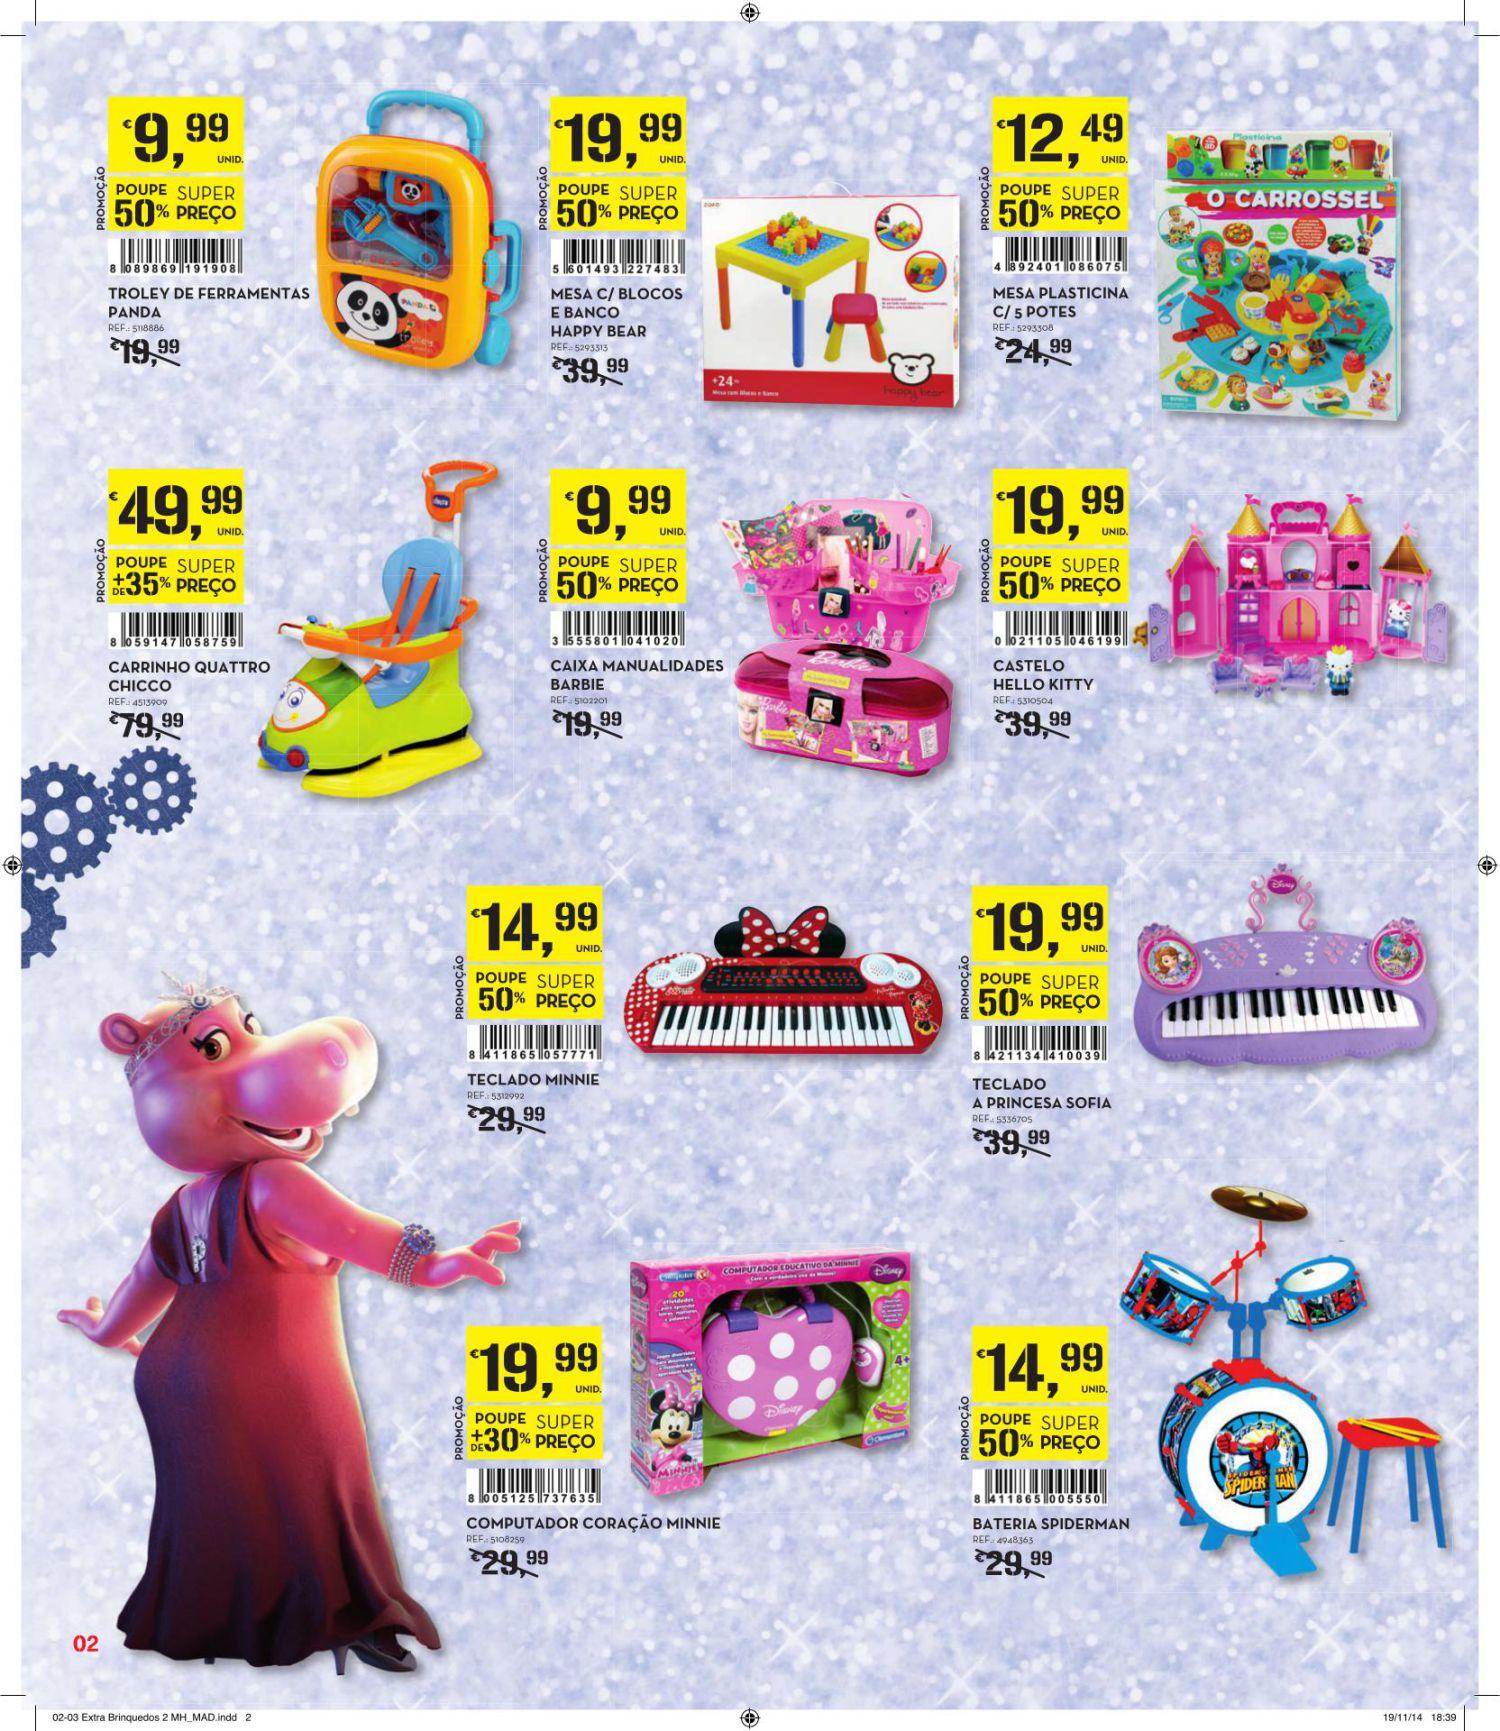 Brinquedos continente 2018